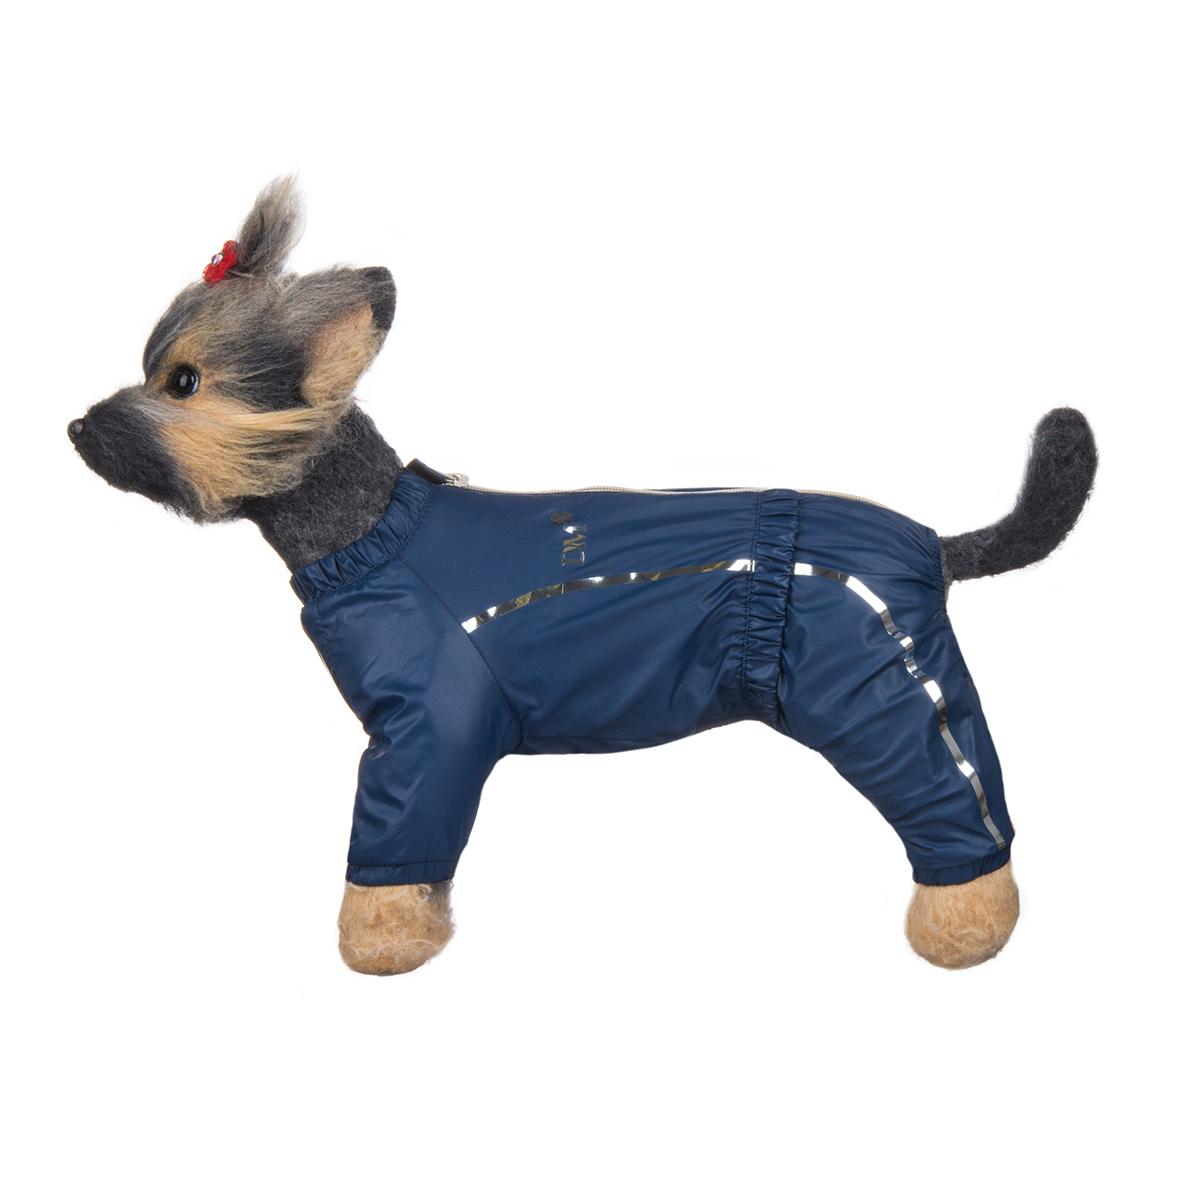 Комбинезон для собак Dogmoda Альпы, для мальчика, цвет: темно-синий. Размер 1 (S)0120710Комбинезон для собак Dogmoda Альпы отлично подойдет для прогулок поздней осенью или ранней весной.Комбинезон изготовлен из полиэстера, защищающего от ветра и осадков, с подкладкой из флиса, которая сохранит тепло и обеспечит отличный воздухообмен. Комбинезон застегивается на молнию и липучку, благодаря чему его легко надевать и снимать. Ворот, низ рукавов и брючин оснащены внутренними резинками, которые мягко обхватывают шею и лапки, не позволяя просачиваться холодному воздуху. На пояснице имеется внутренняя резинка. Изделие декорировано серебристыми полосками и надписью DM.Благодаря такому комбинезону простуда не грозит вашему питомцу и он не даст любимцу продрогнуть на прогулке.